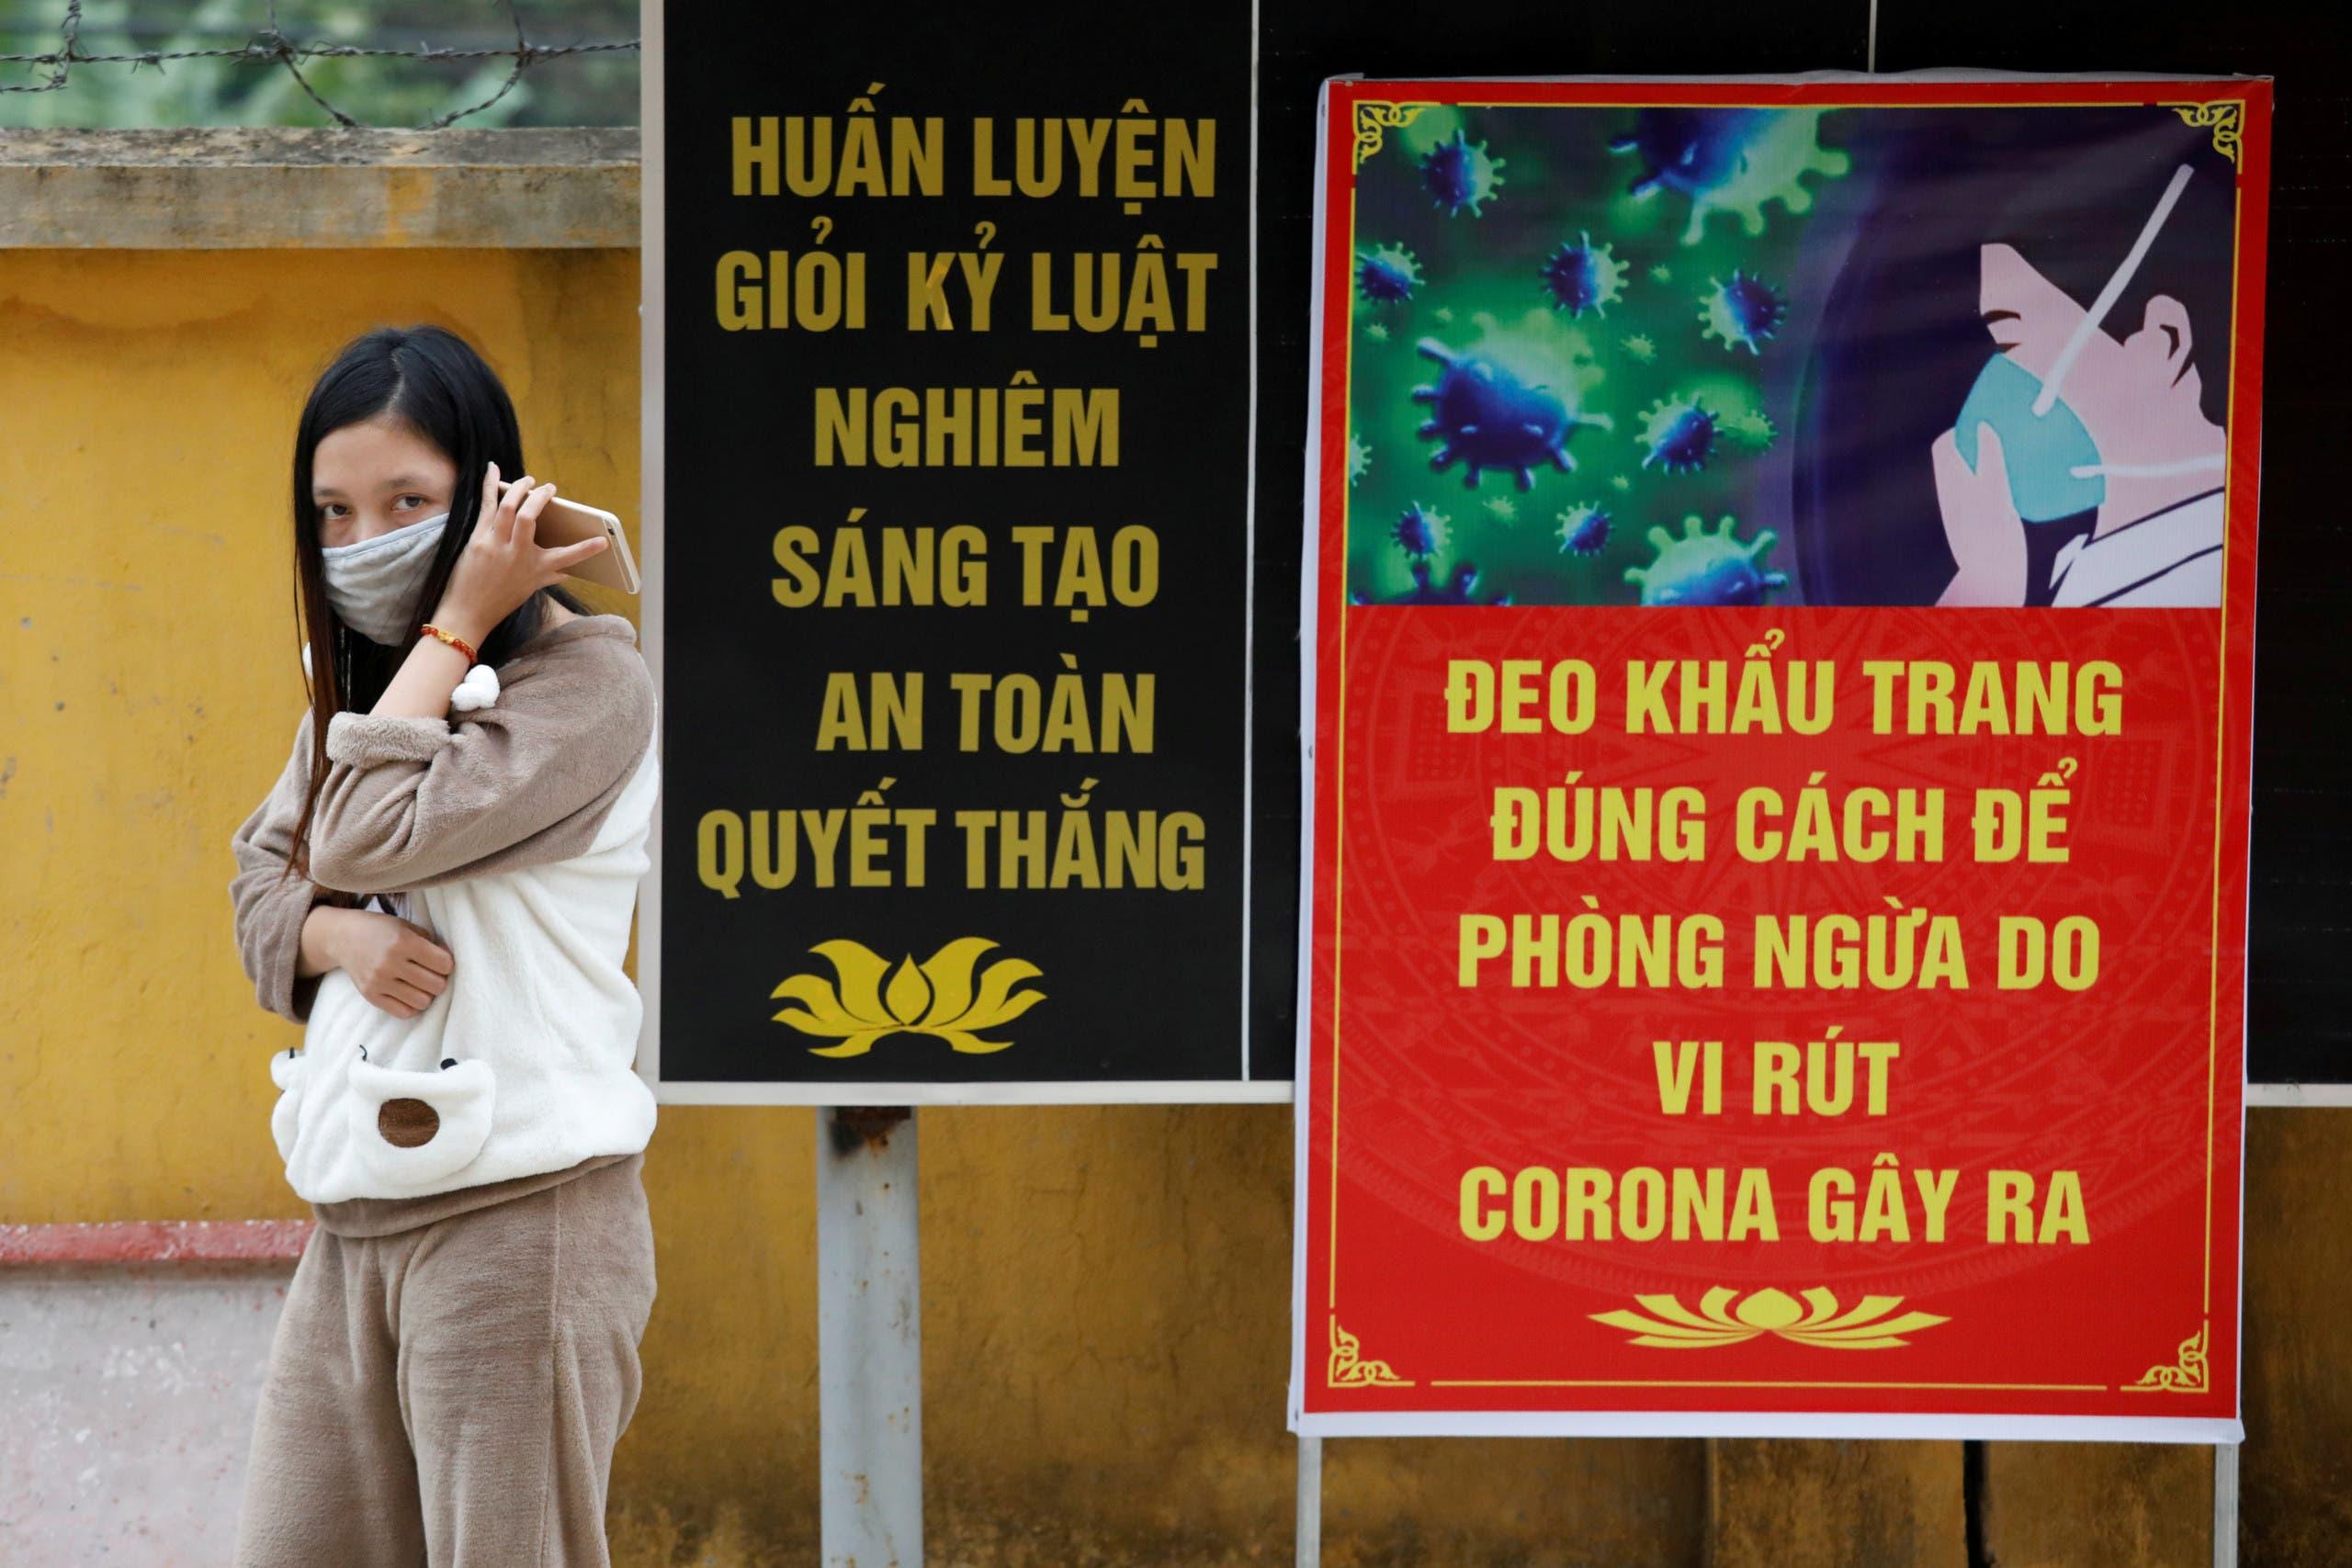 فيتنامية عائدة من الصين داخل معسكر الحجر الصحي